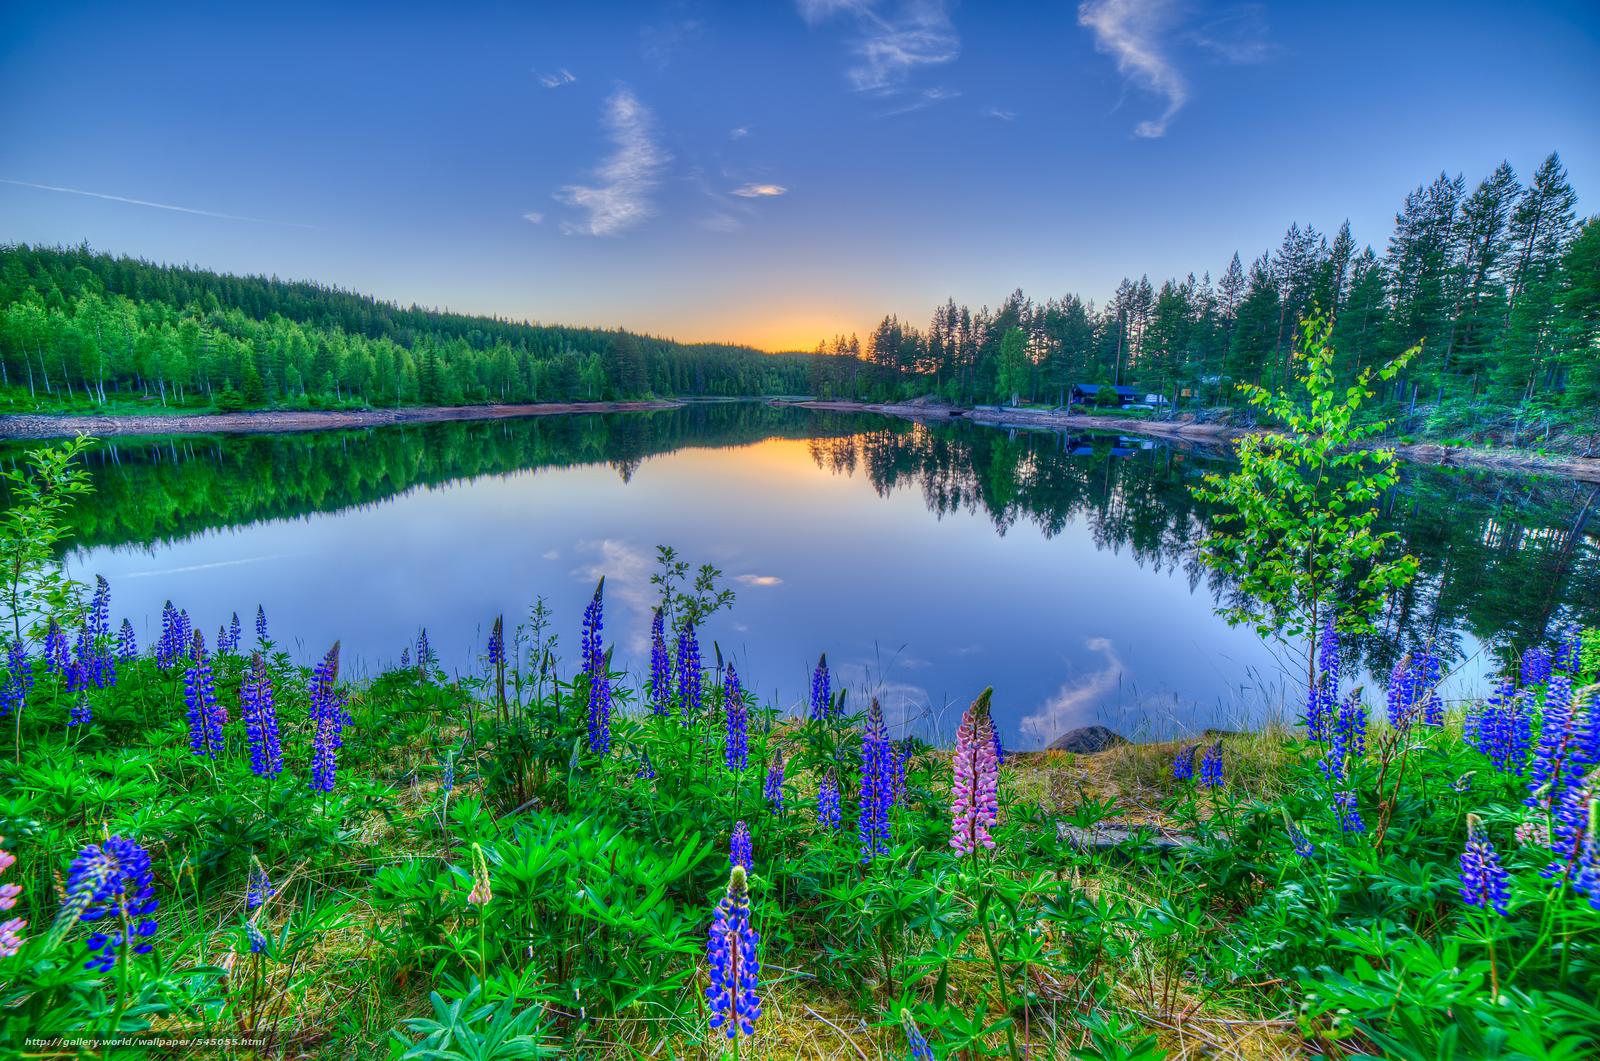 بالصور صور مناظر خلابة , منظر طبيعي جميل 1236 3